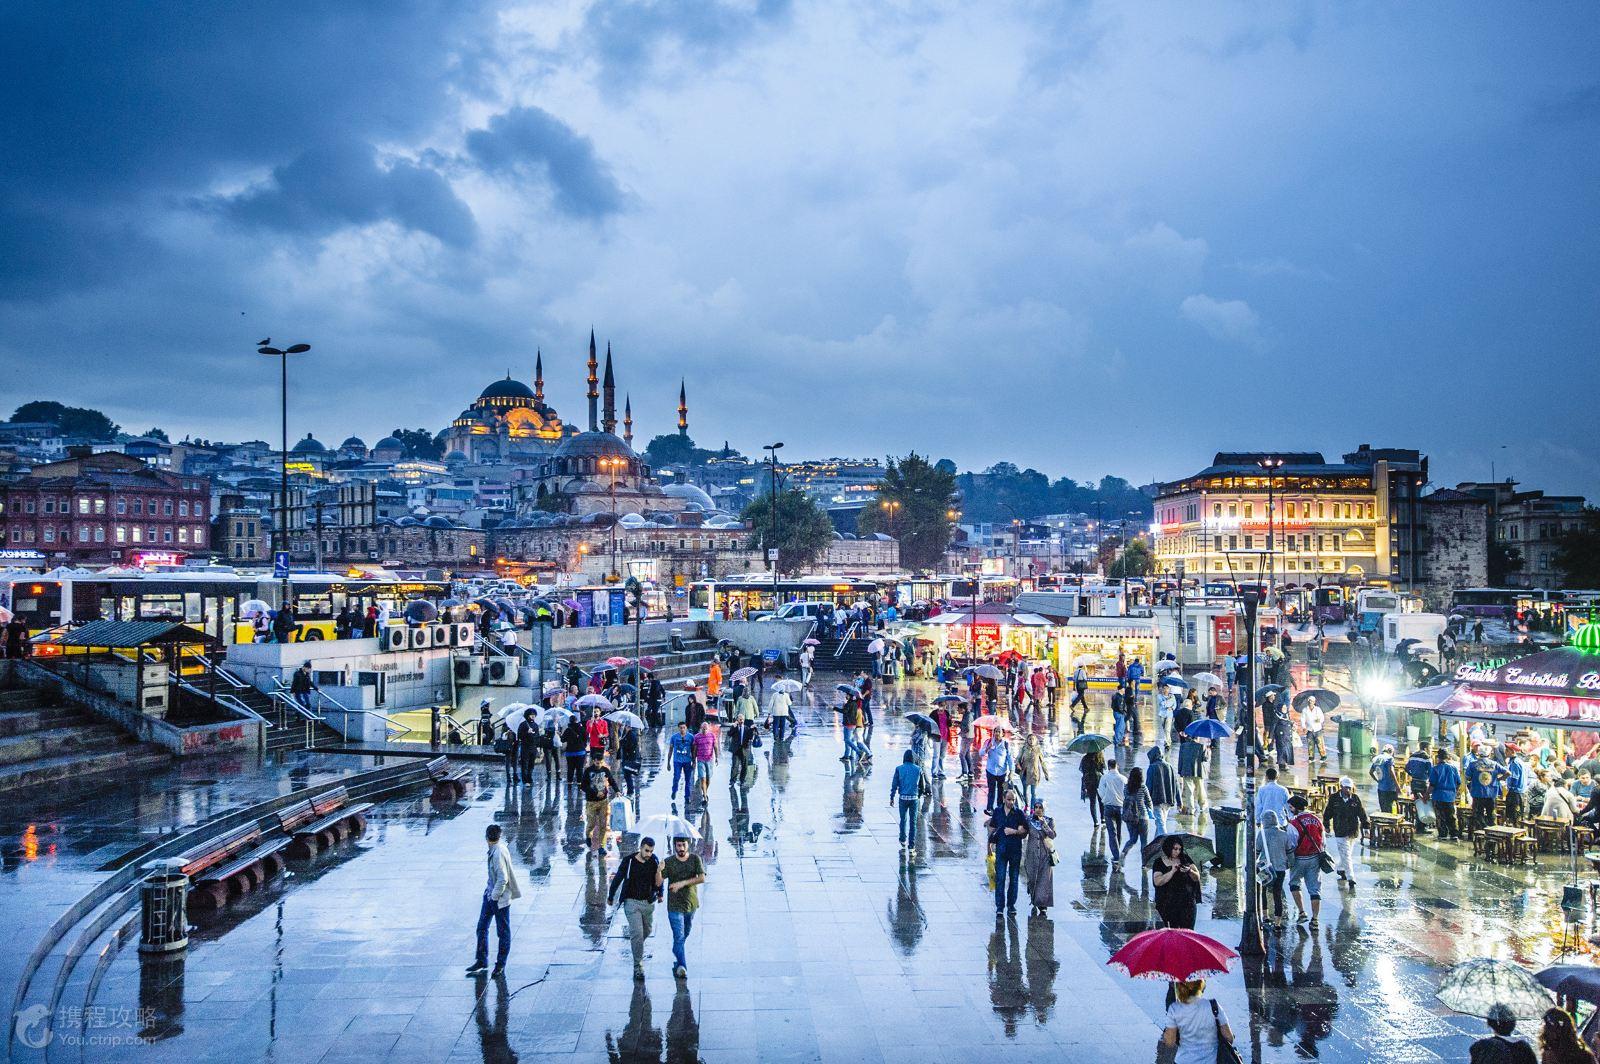 土耳其最佳旅行时间